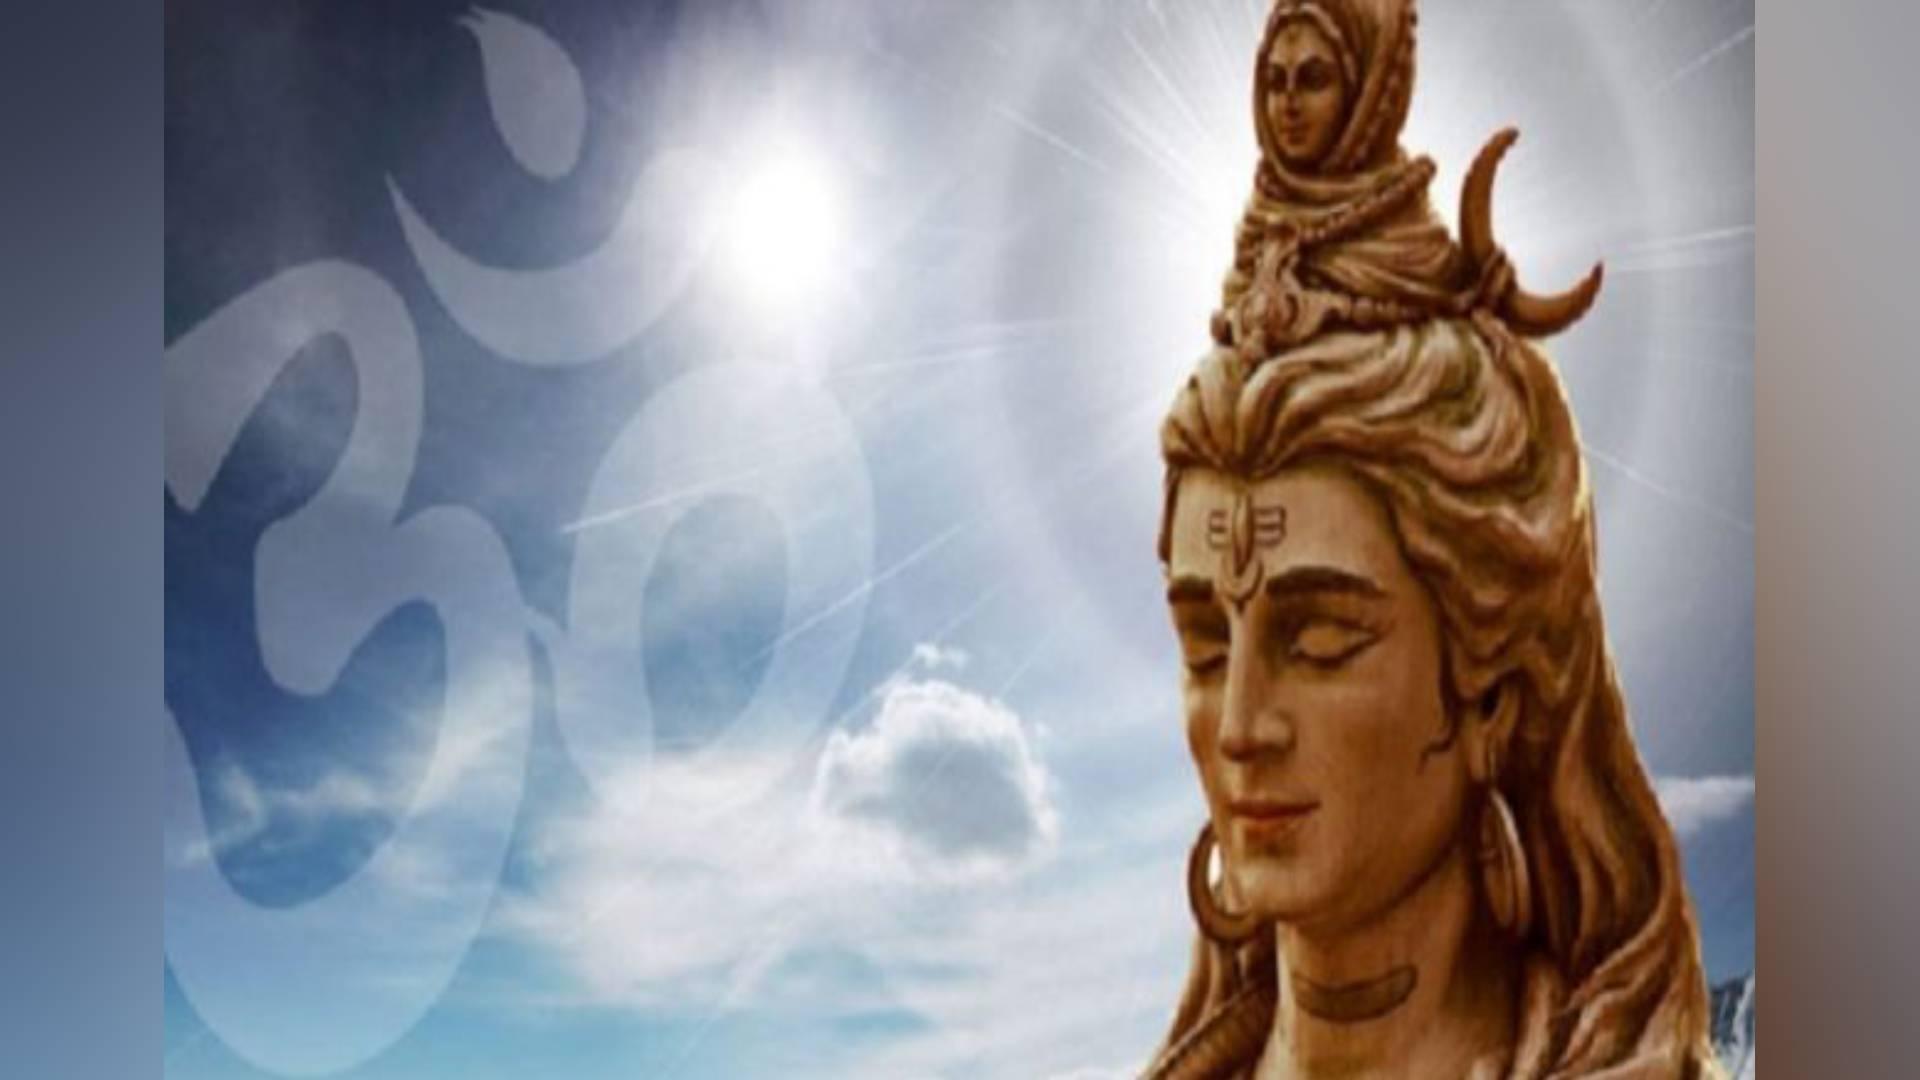 Sawan 2019: इस सावन अपनों को इन मैसेज के जरिए भेजे भगवान शिव के शुभ संदेश, जीवन में आएंगी ढेरों खुशियां